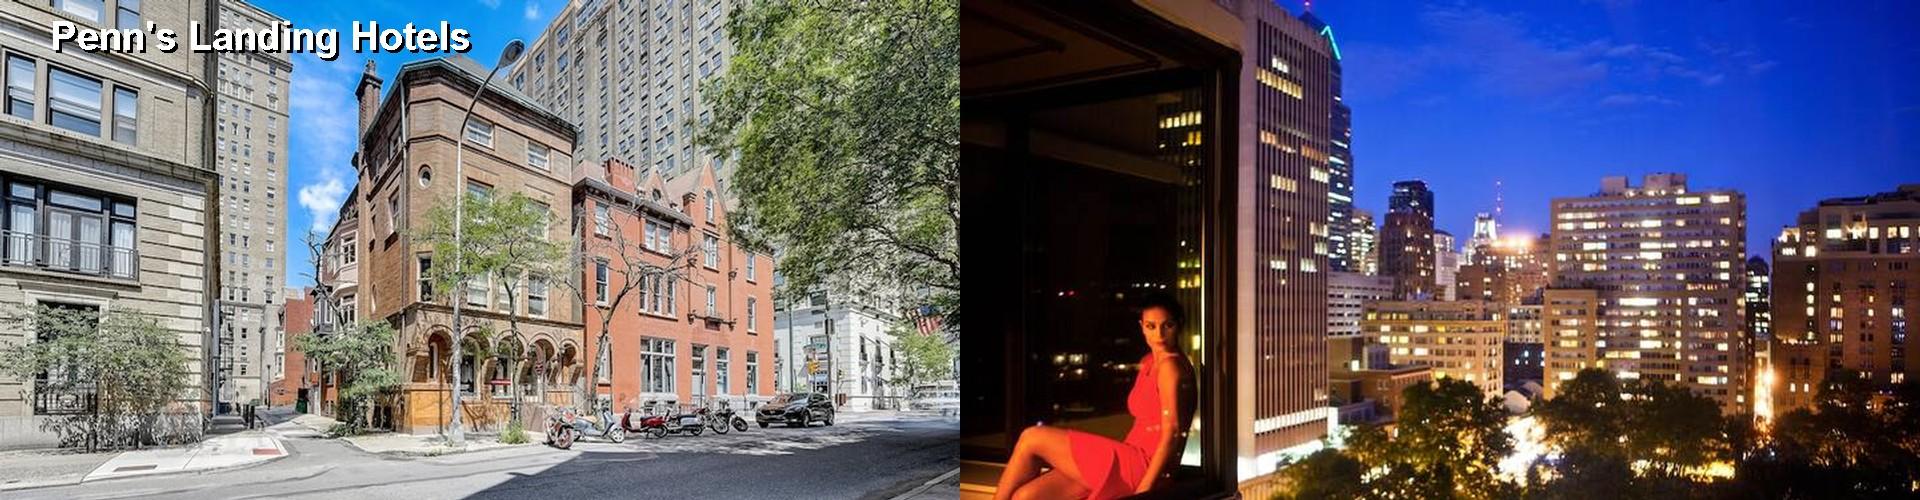 46 Hotels Near Penn S Landing In Philadelphia Pa